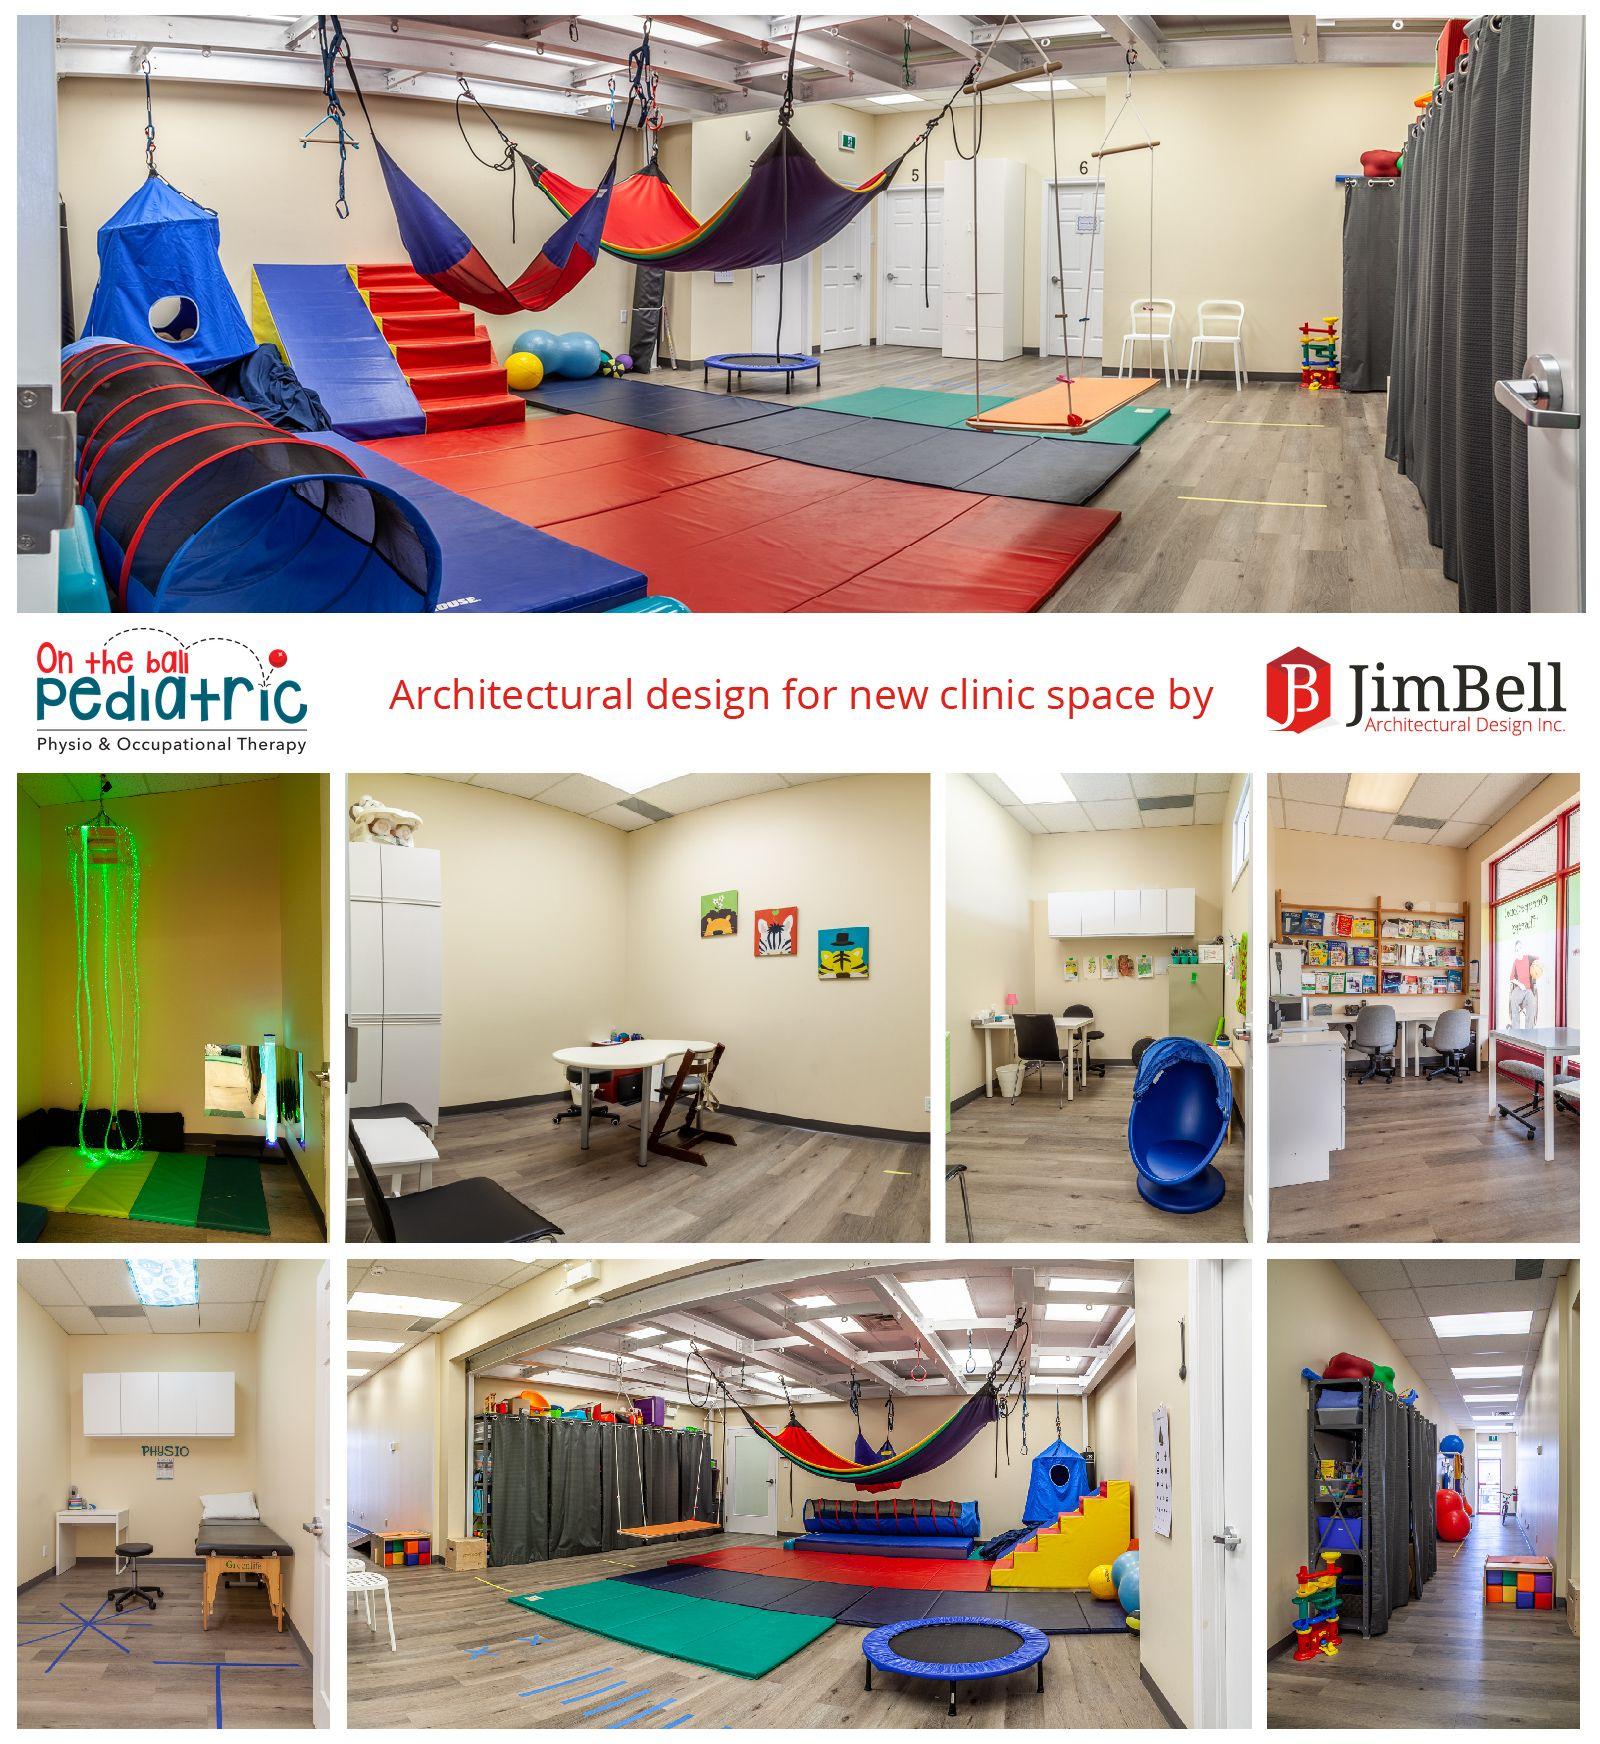 Architectural design for pediatric physio ot clinic in